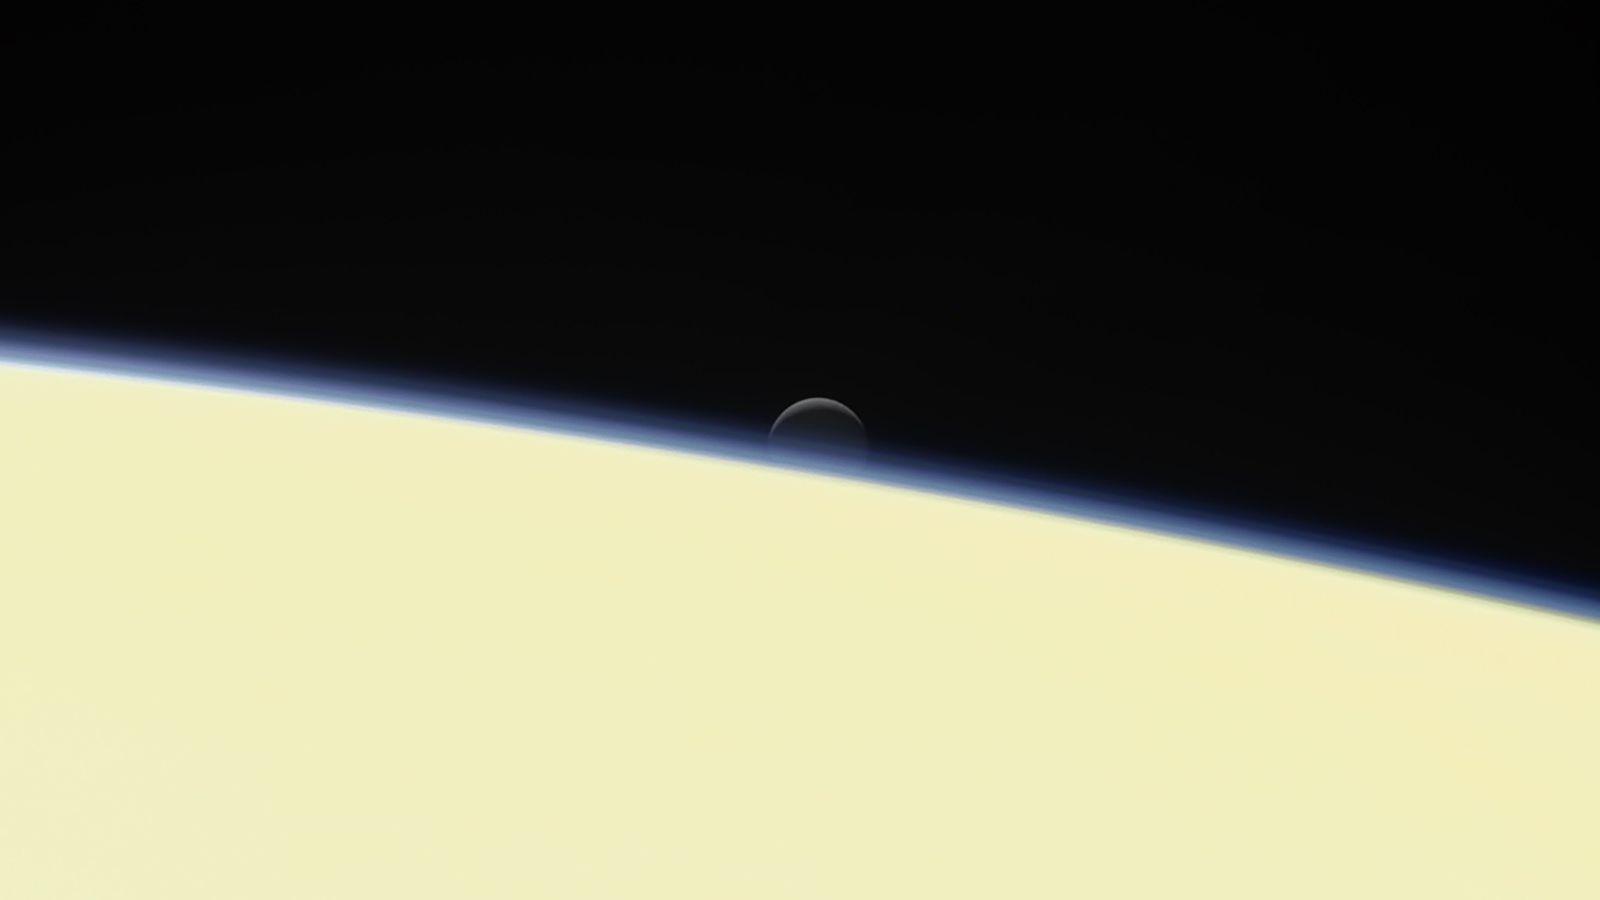 Encélado, a lua gelada de Saturno, se esconde atrás do planeta em um retrato de despedida ...